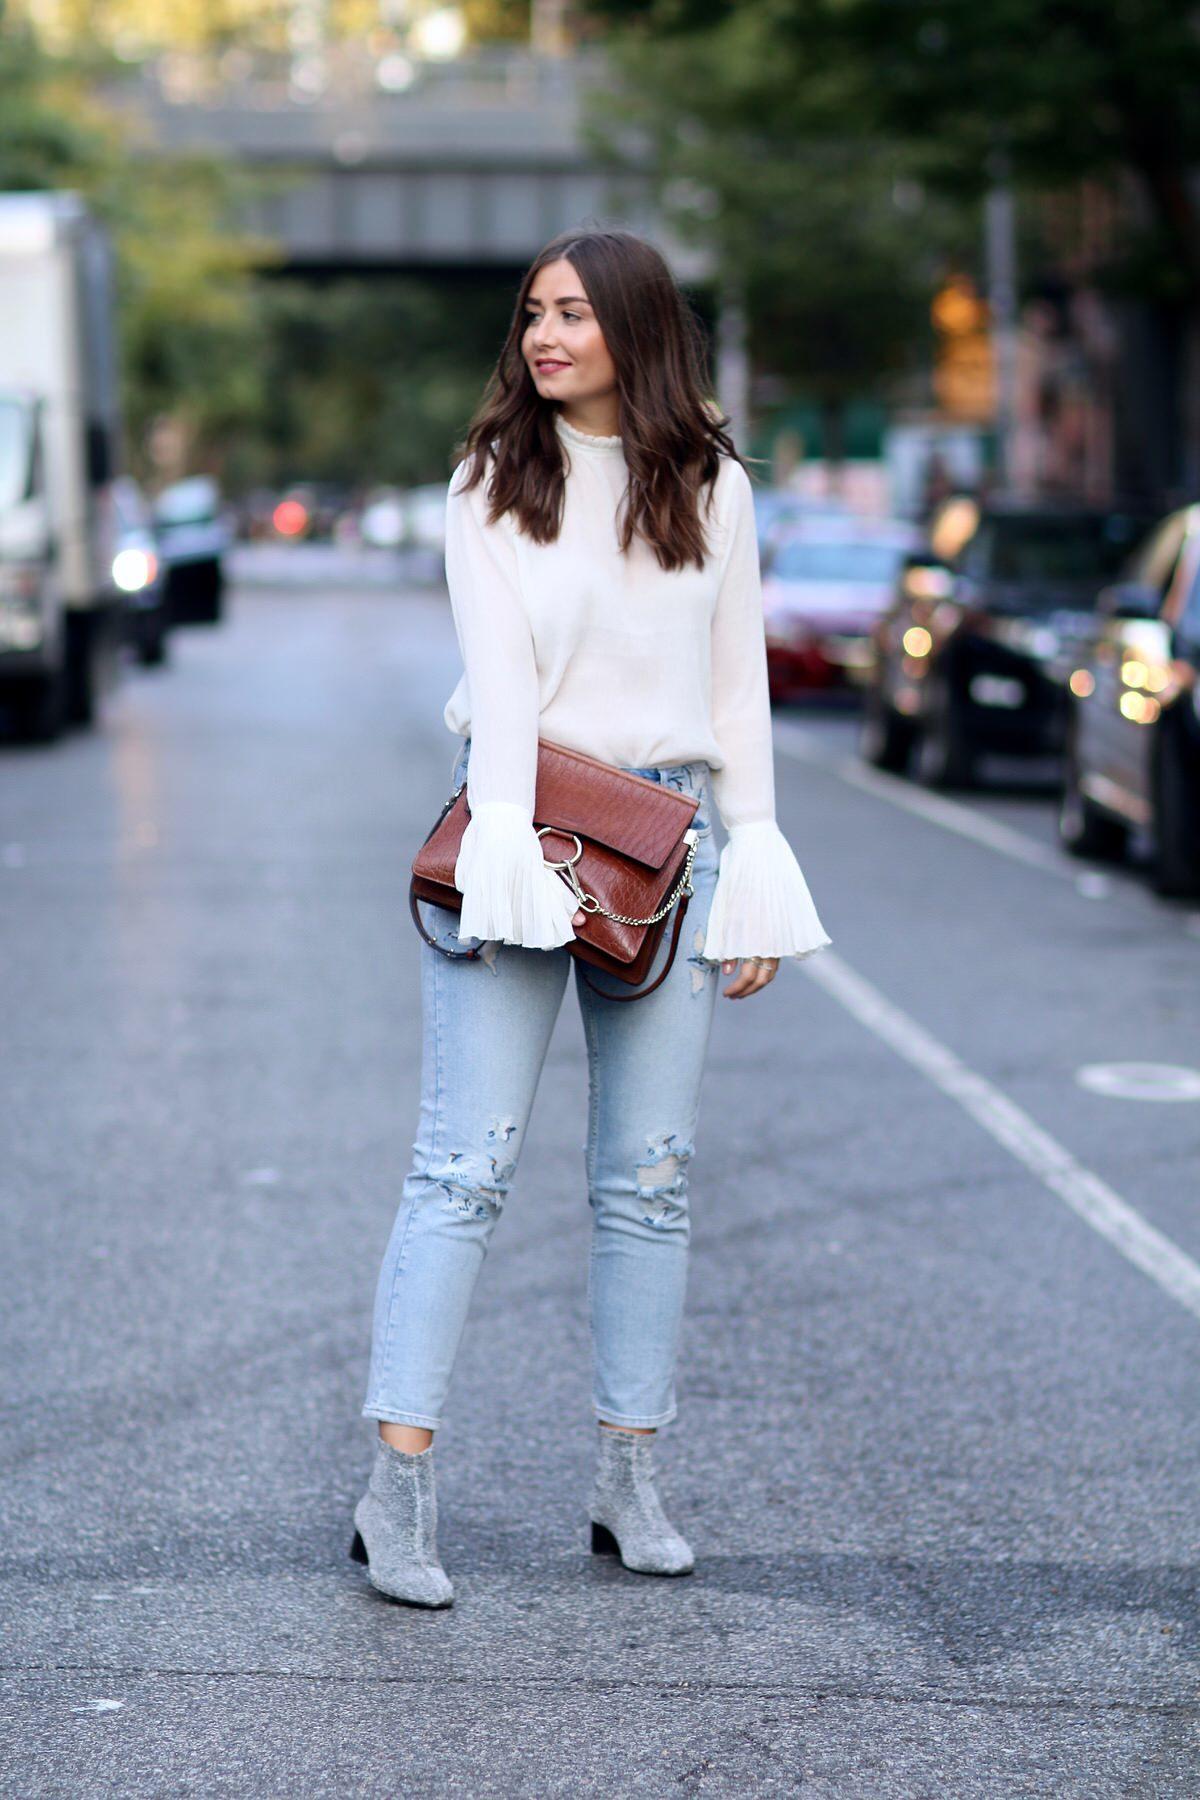 bestickte Jeans, TOPSHOP, Chloé Faye, glitzernde Stiefletten, Zara, Bluse mit Trompetenärmel H&M, Dior So Real Sonnenbrille, NYFW, New York Streetstyle